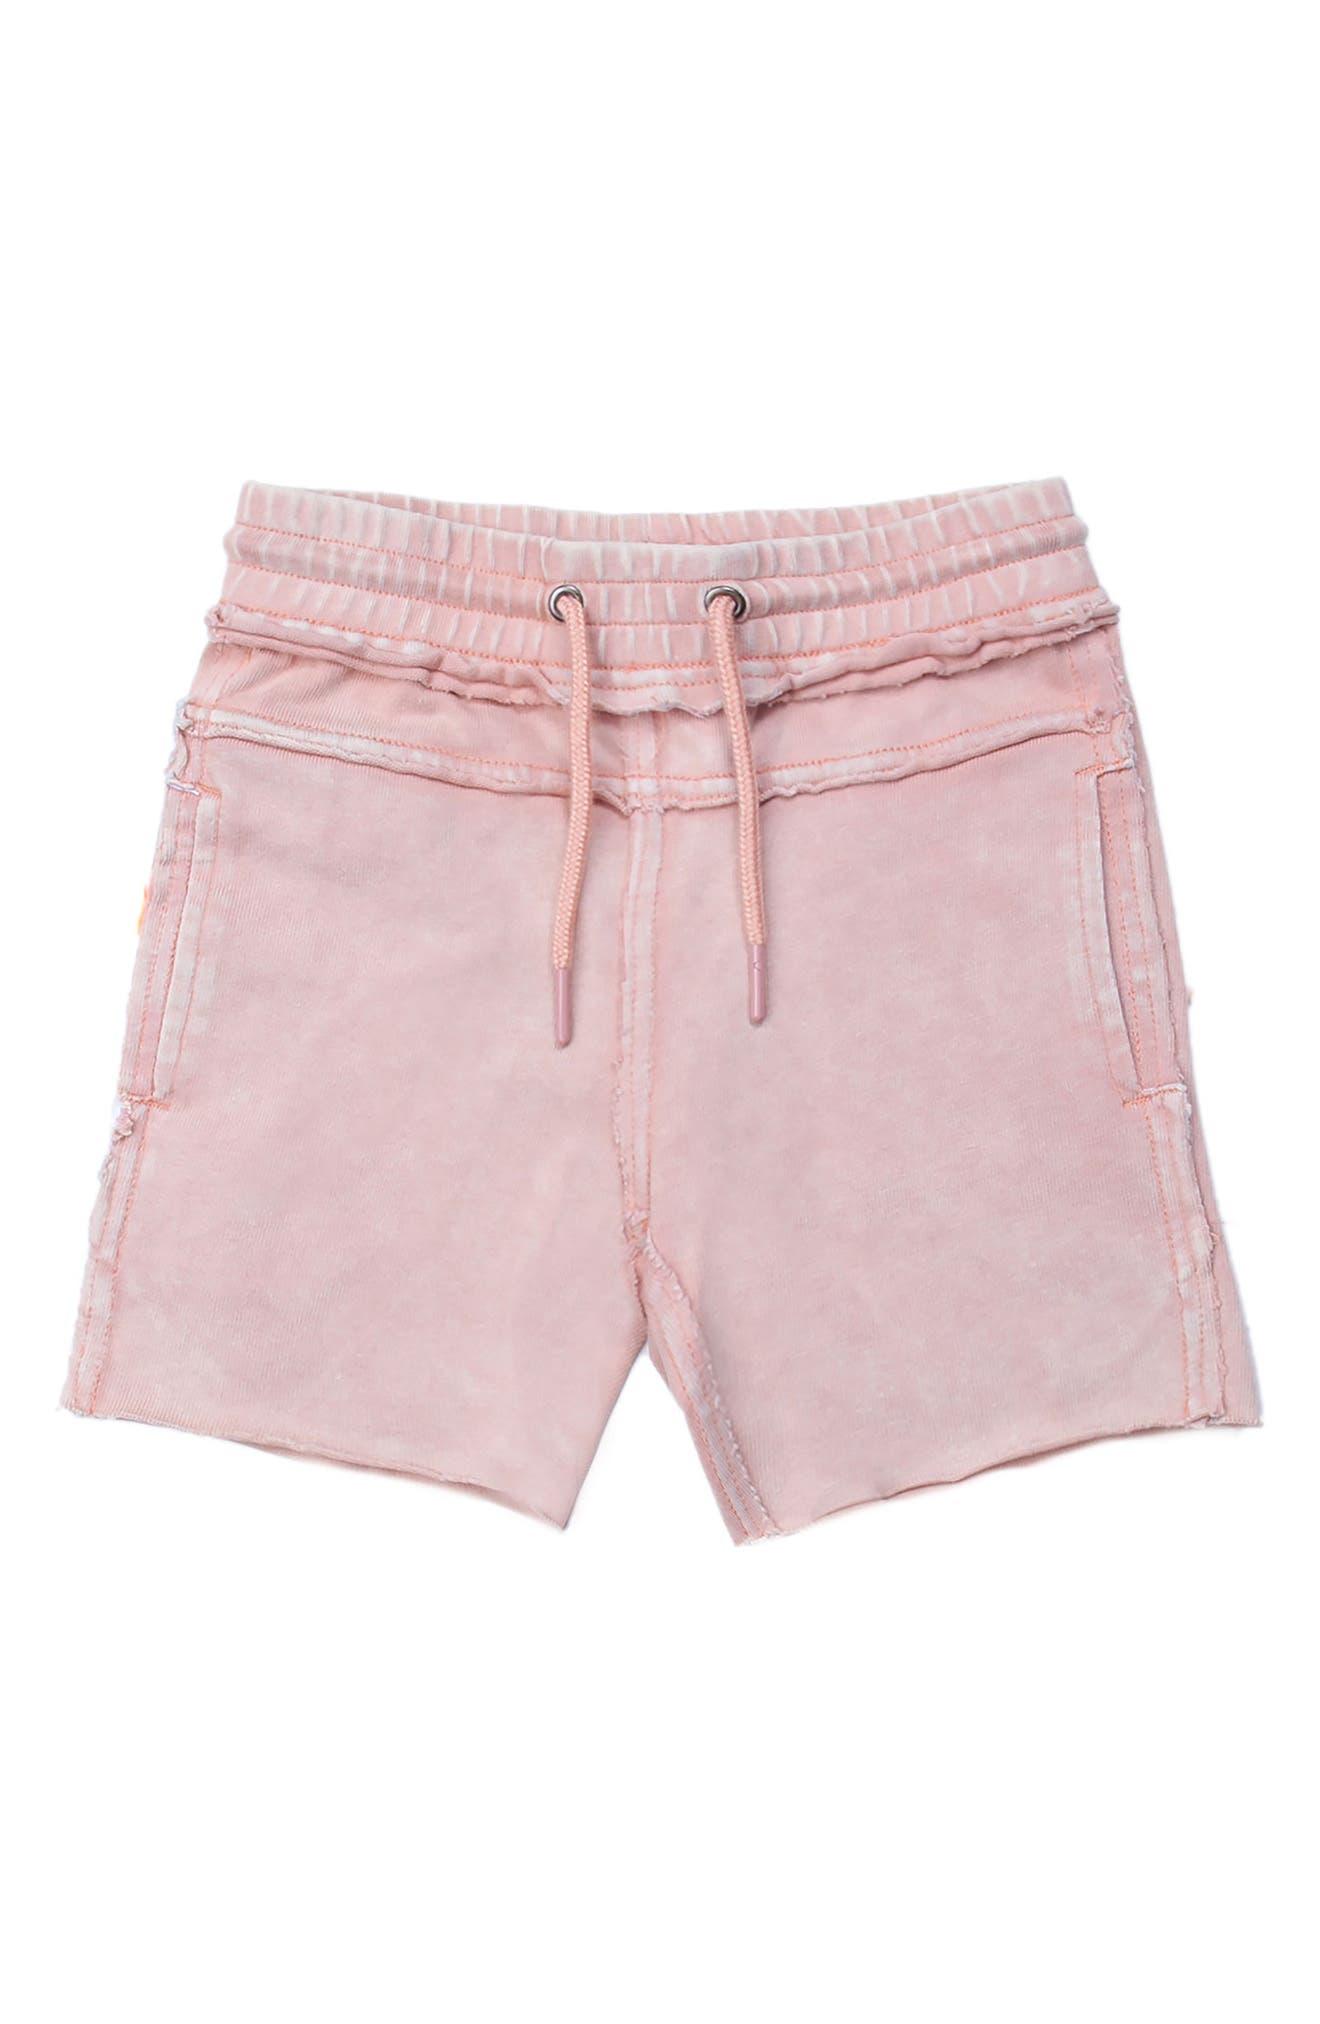 Kirk Distressed Shorts,                             Main thumbnail 1, color,                             Pink